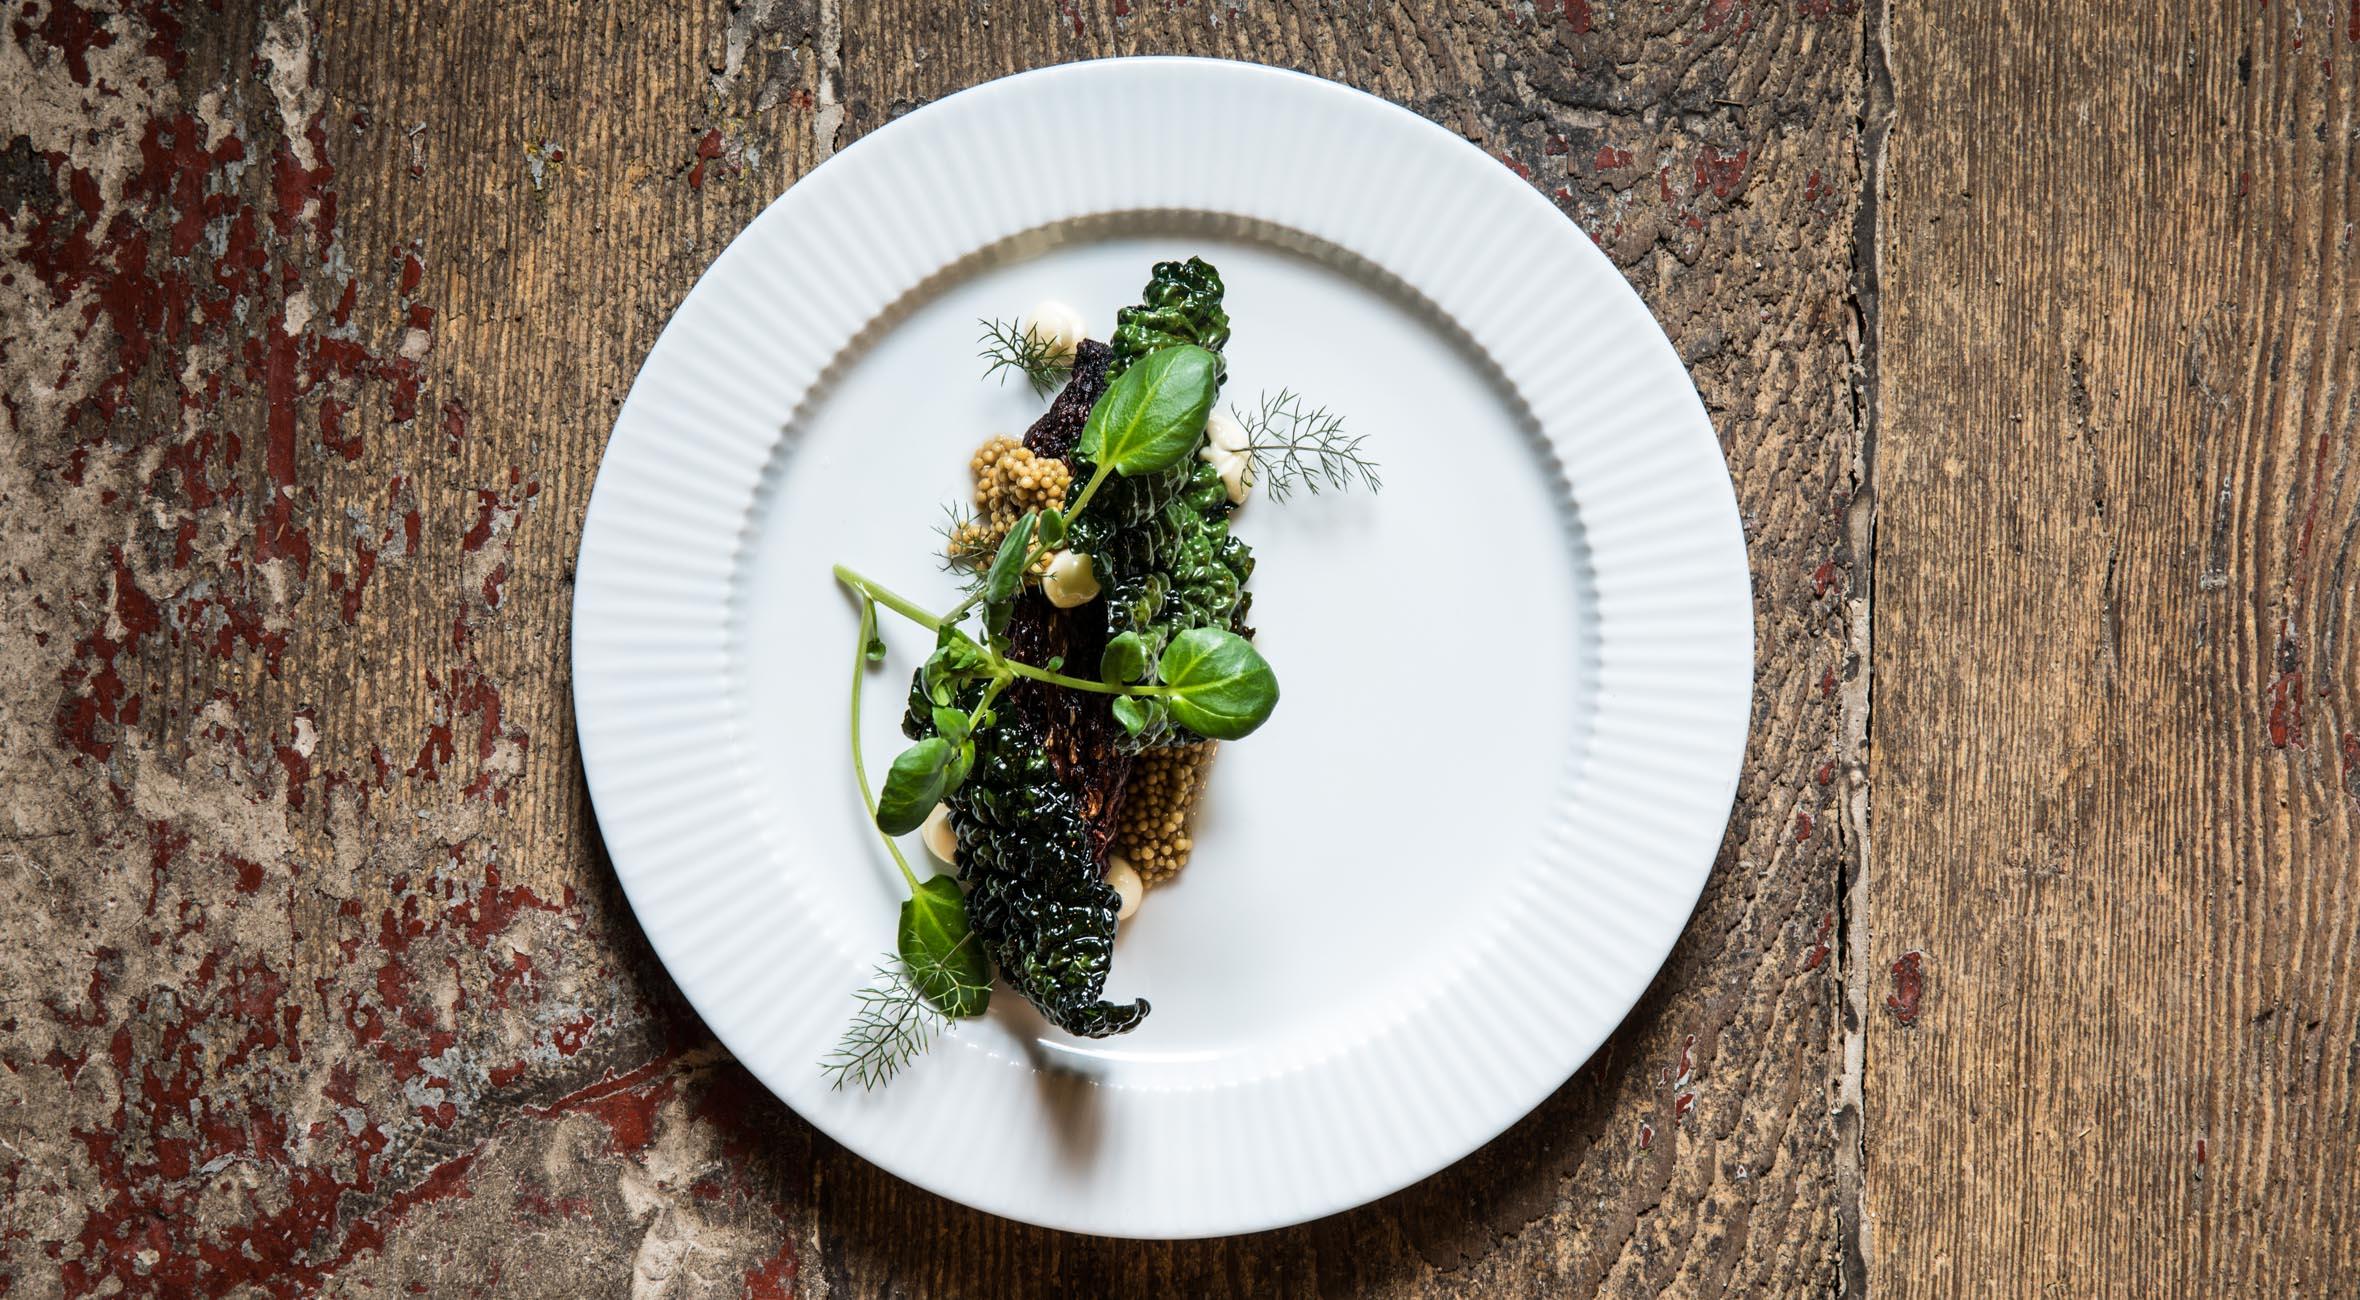 3-retters menu hos Michelin-anbefalede 56 grader – Smag nordiske gourmetretter i fantastiske omgivelser på Holmen